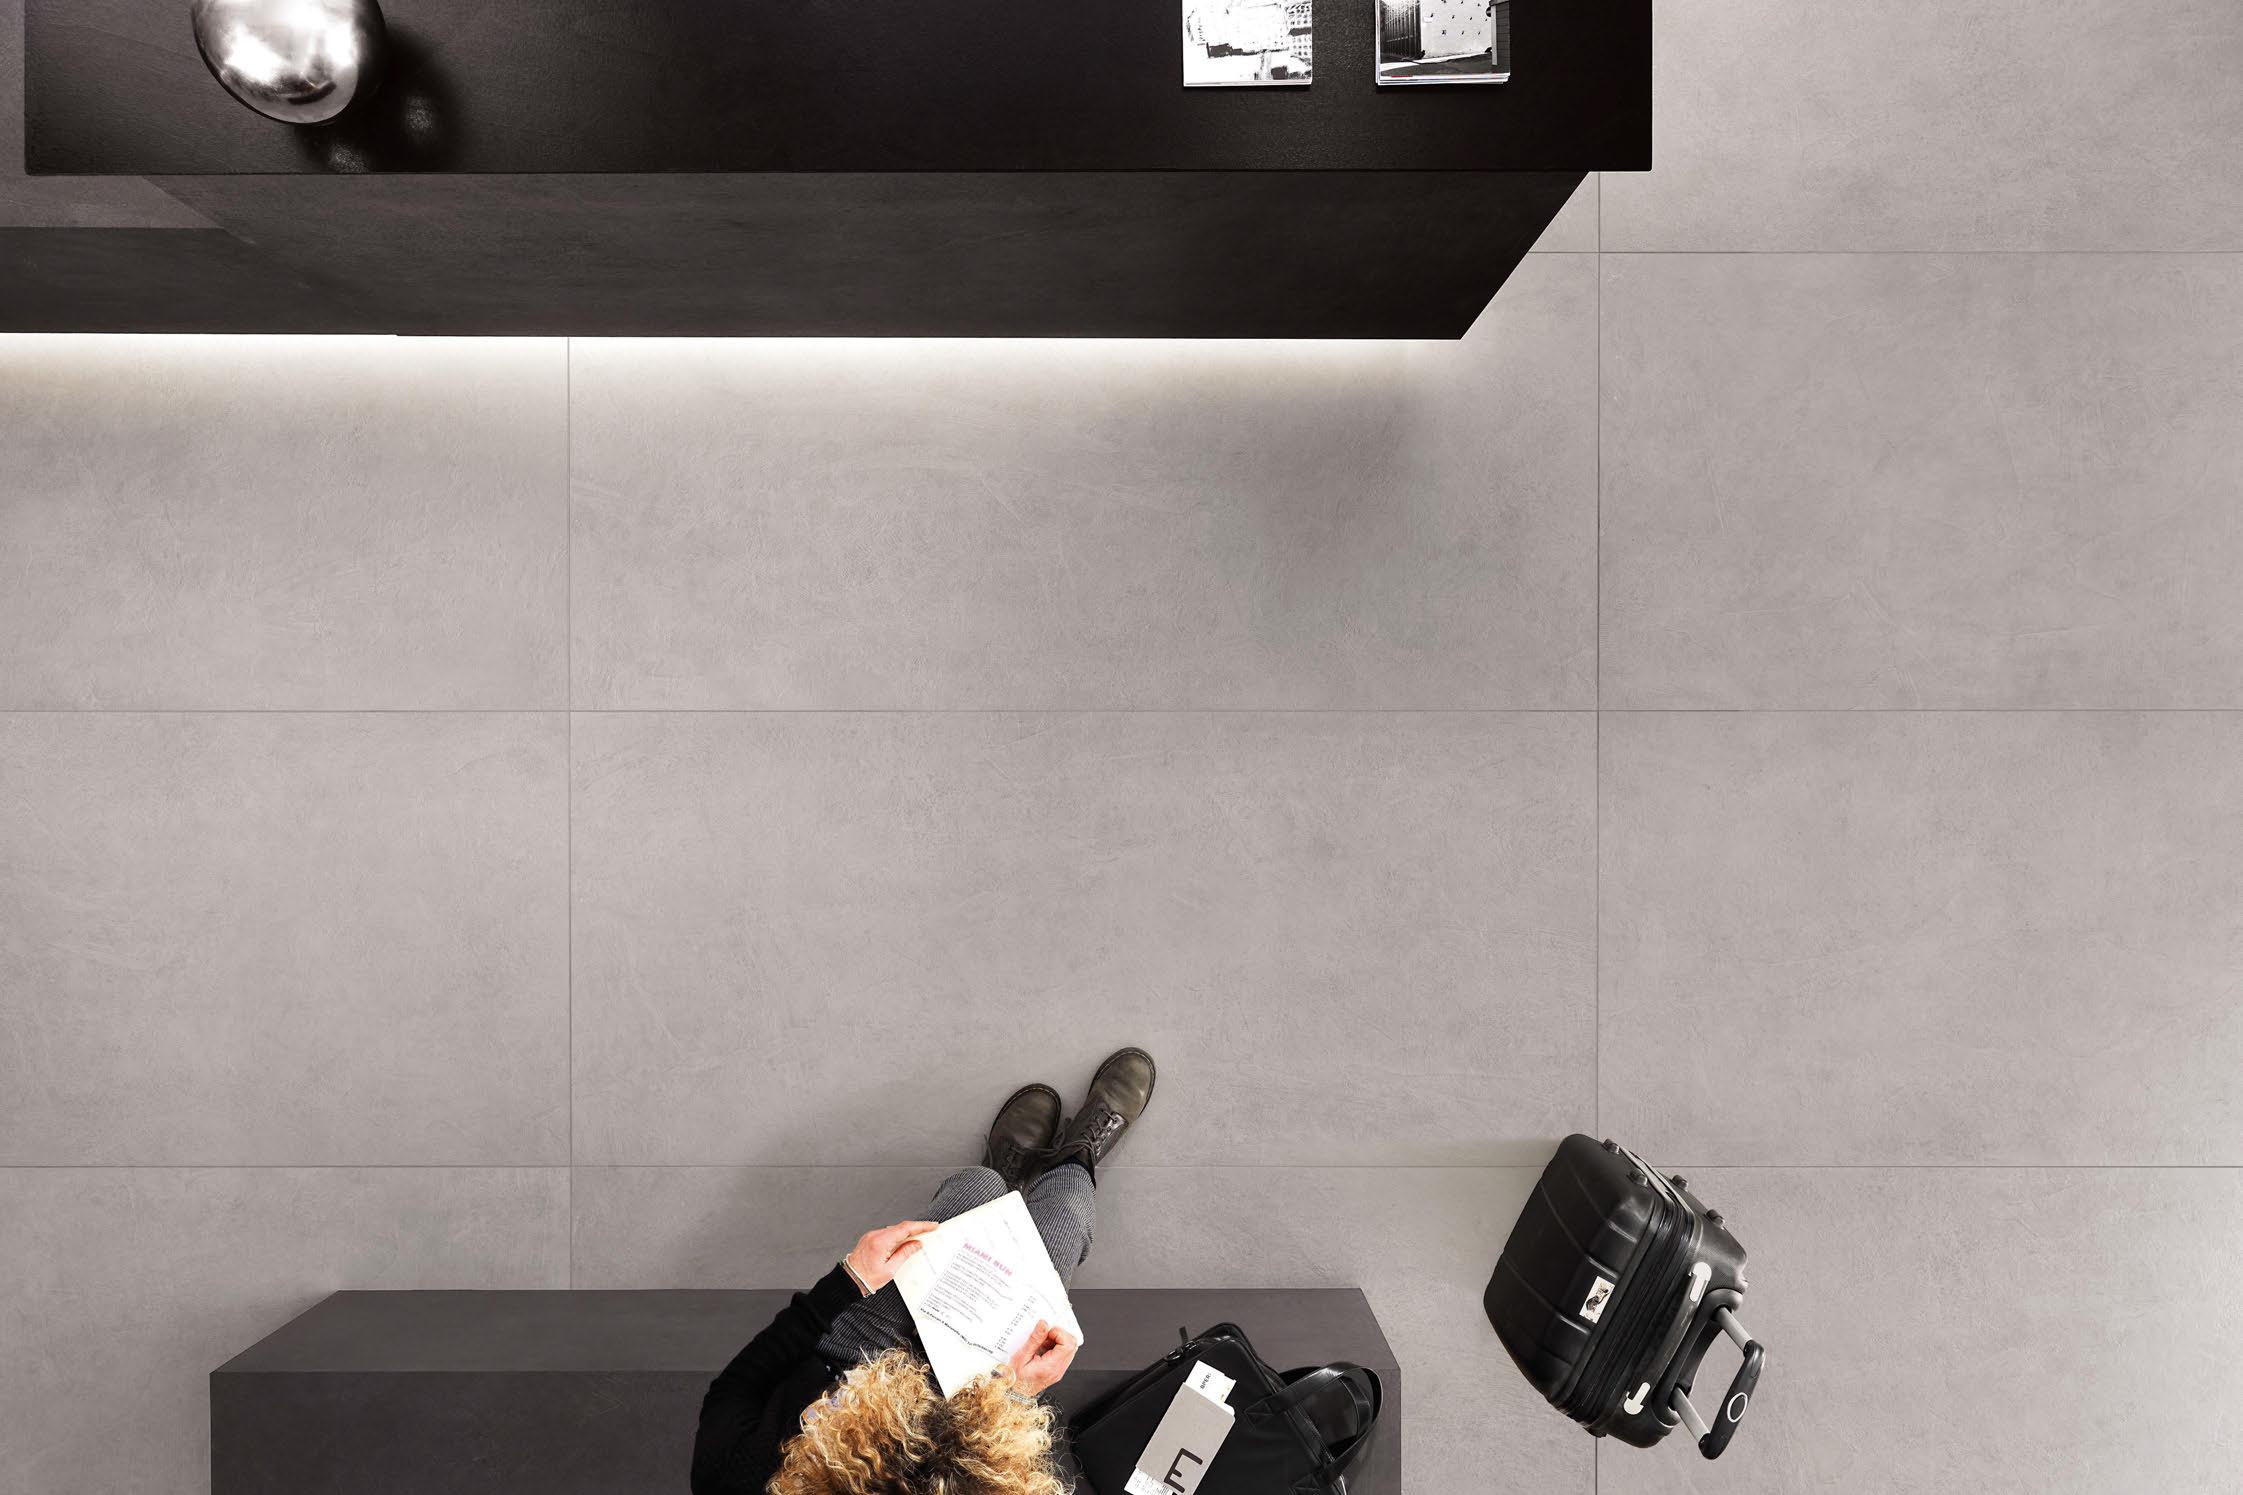 Gres Porcellanato Prezzi Bassi pavimenti in gres porcellanato